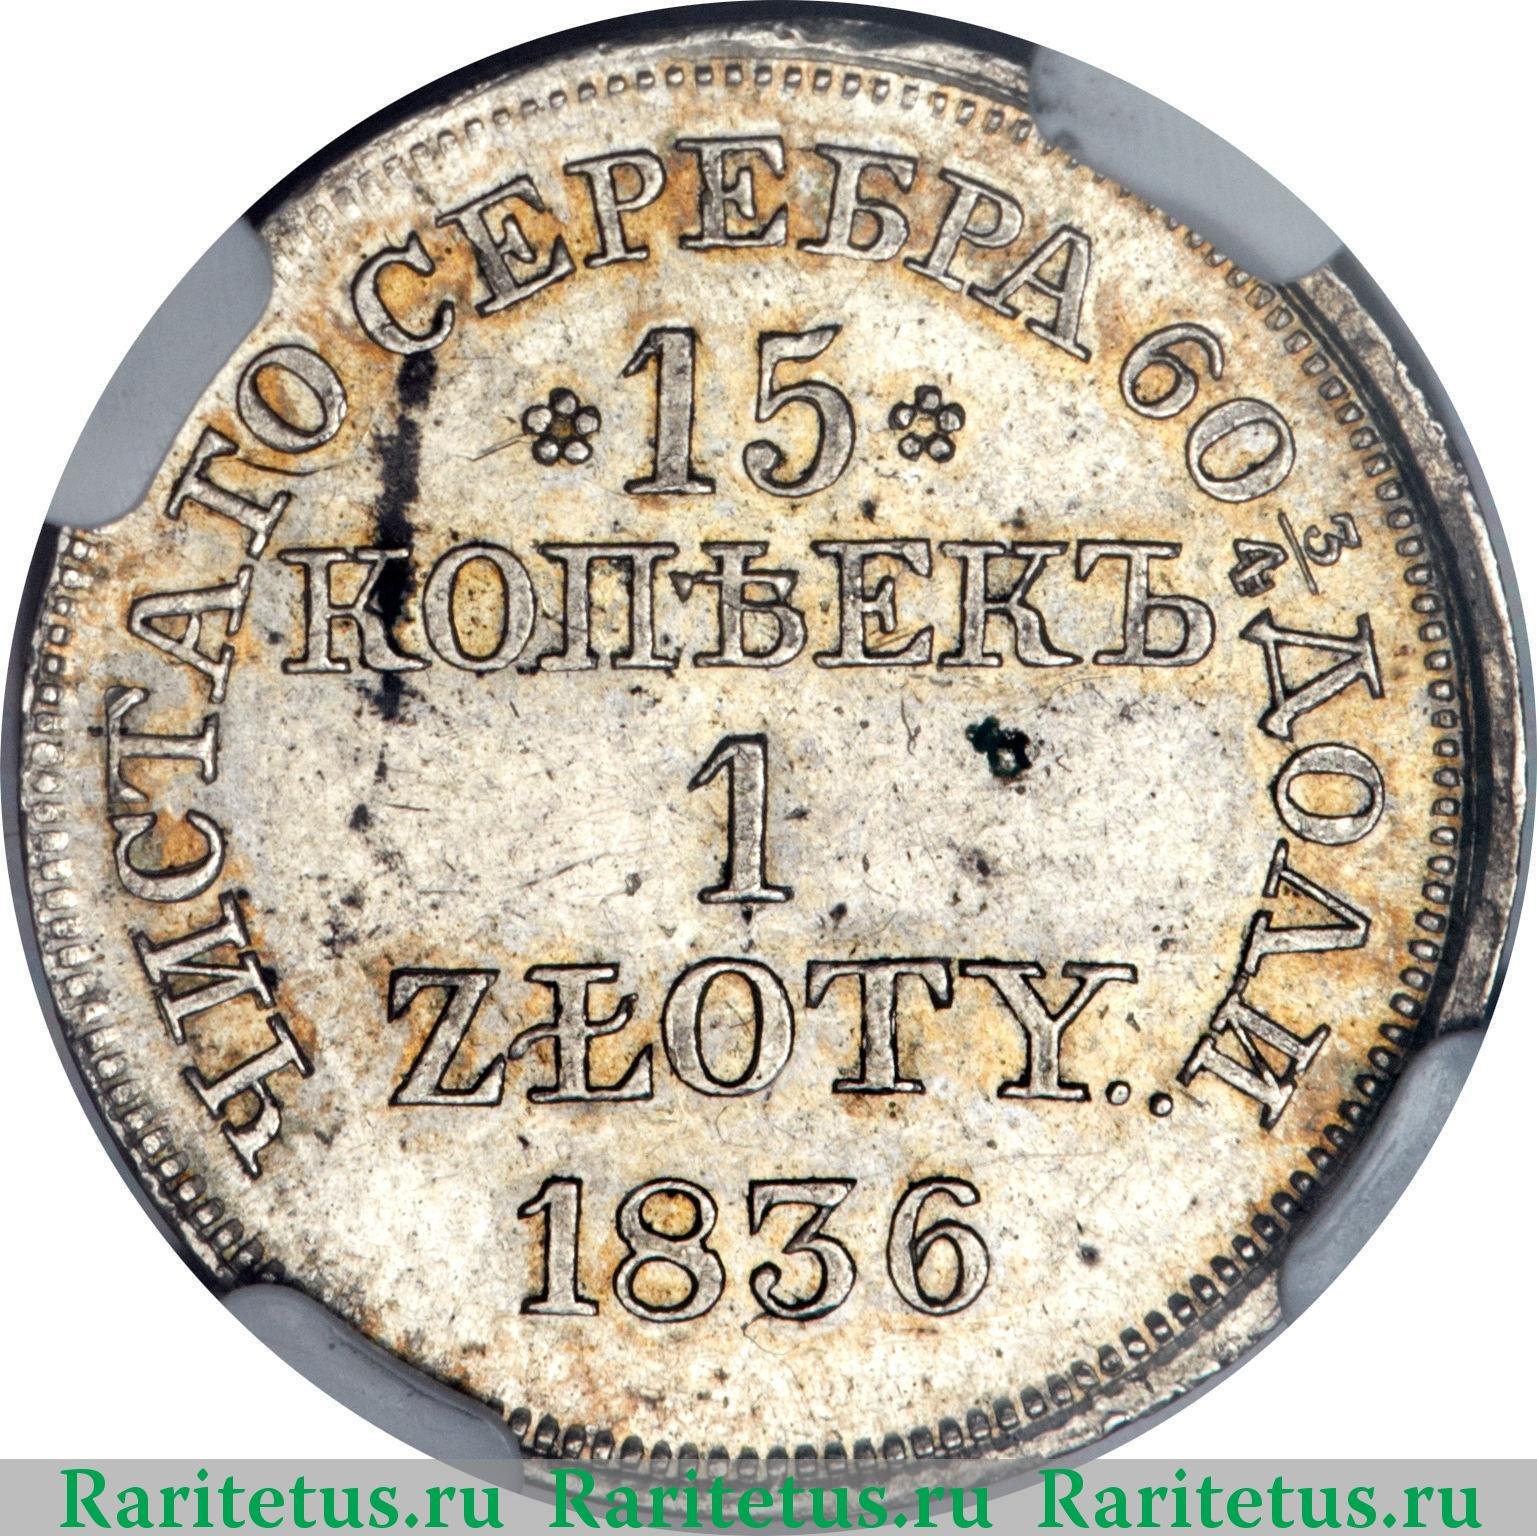 1злотый 1929гг проход монета рубль 1747 года елизаветы